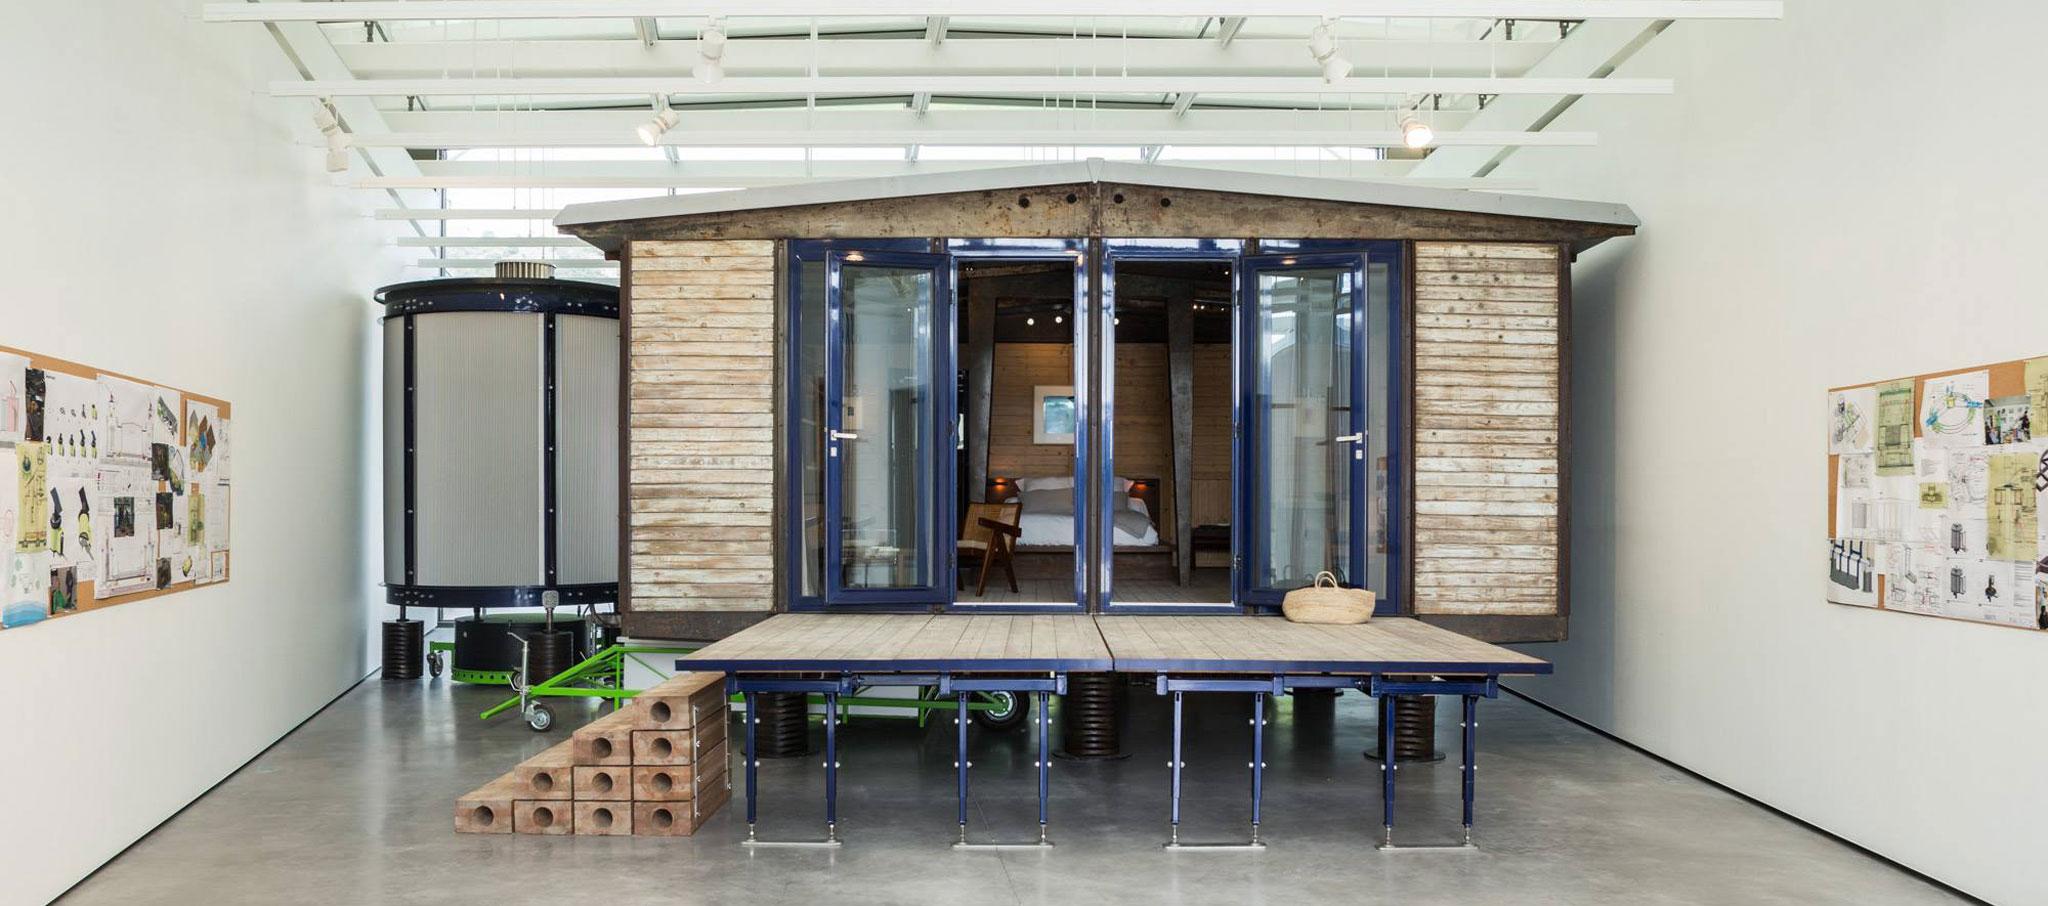 Casa empaquetad de 6x6 metros de Jean Prouvé, rediseñada por Rogers Stirk Harbour + Partners, en la galería de arte diseñada por Renzo Piano